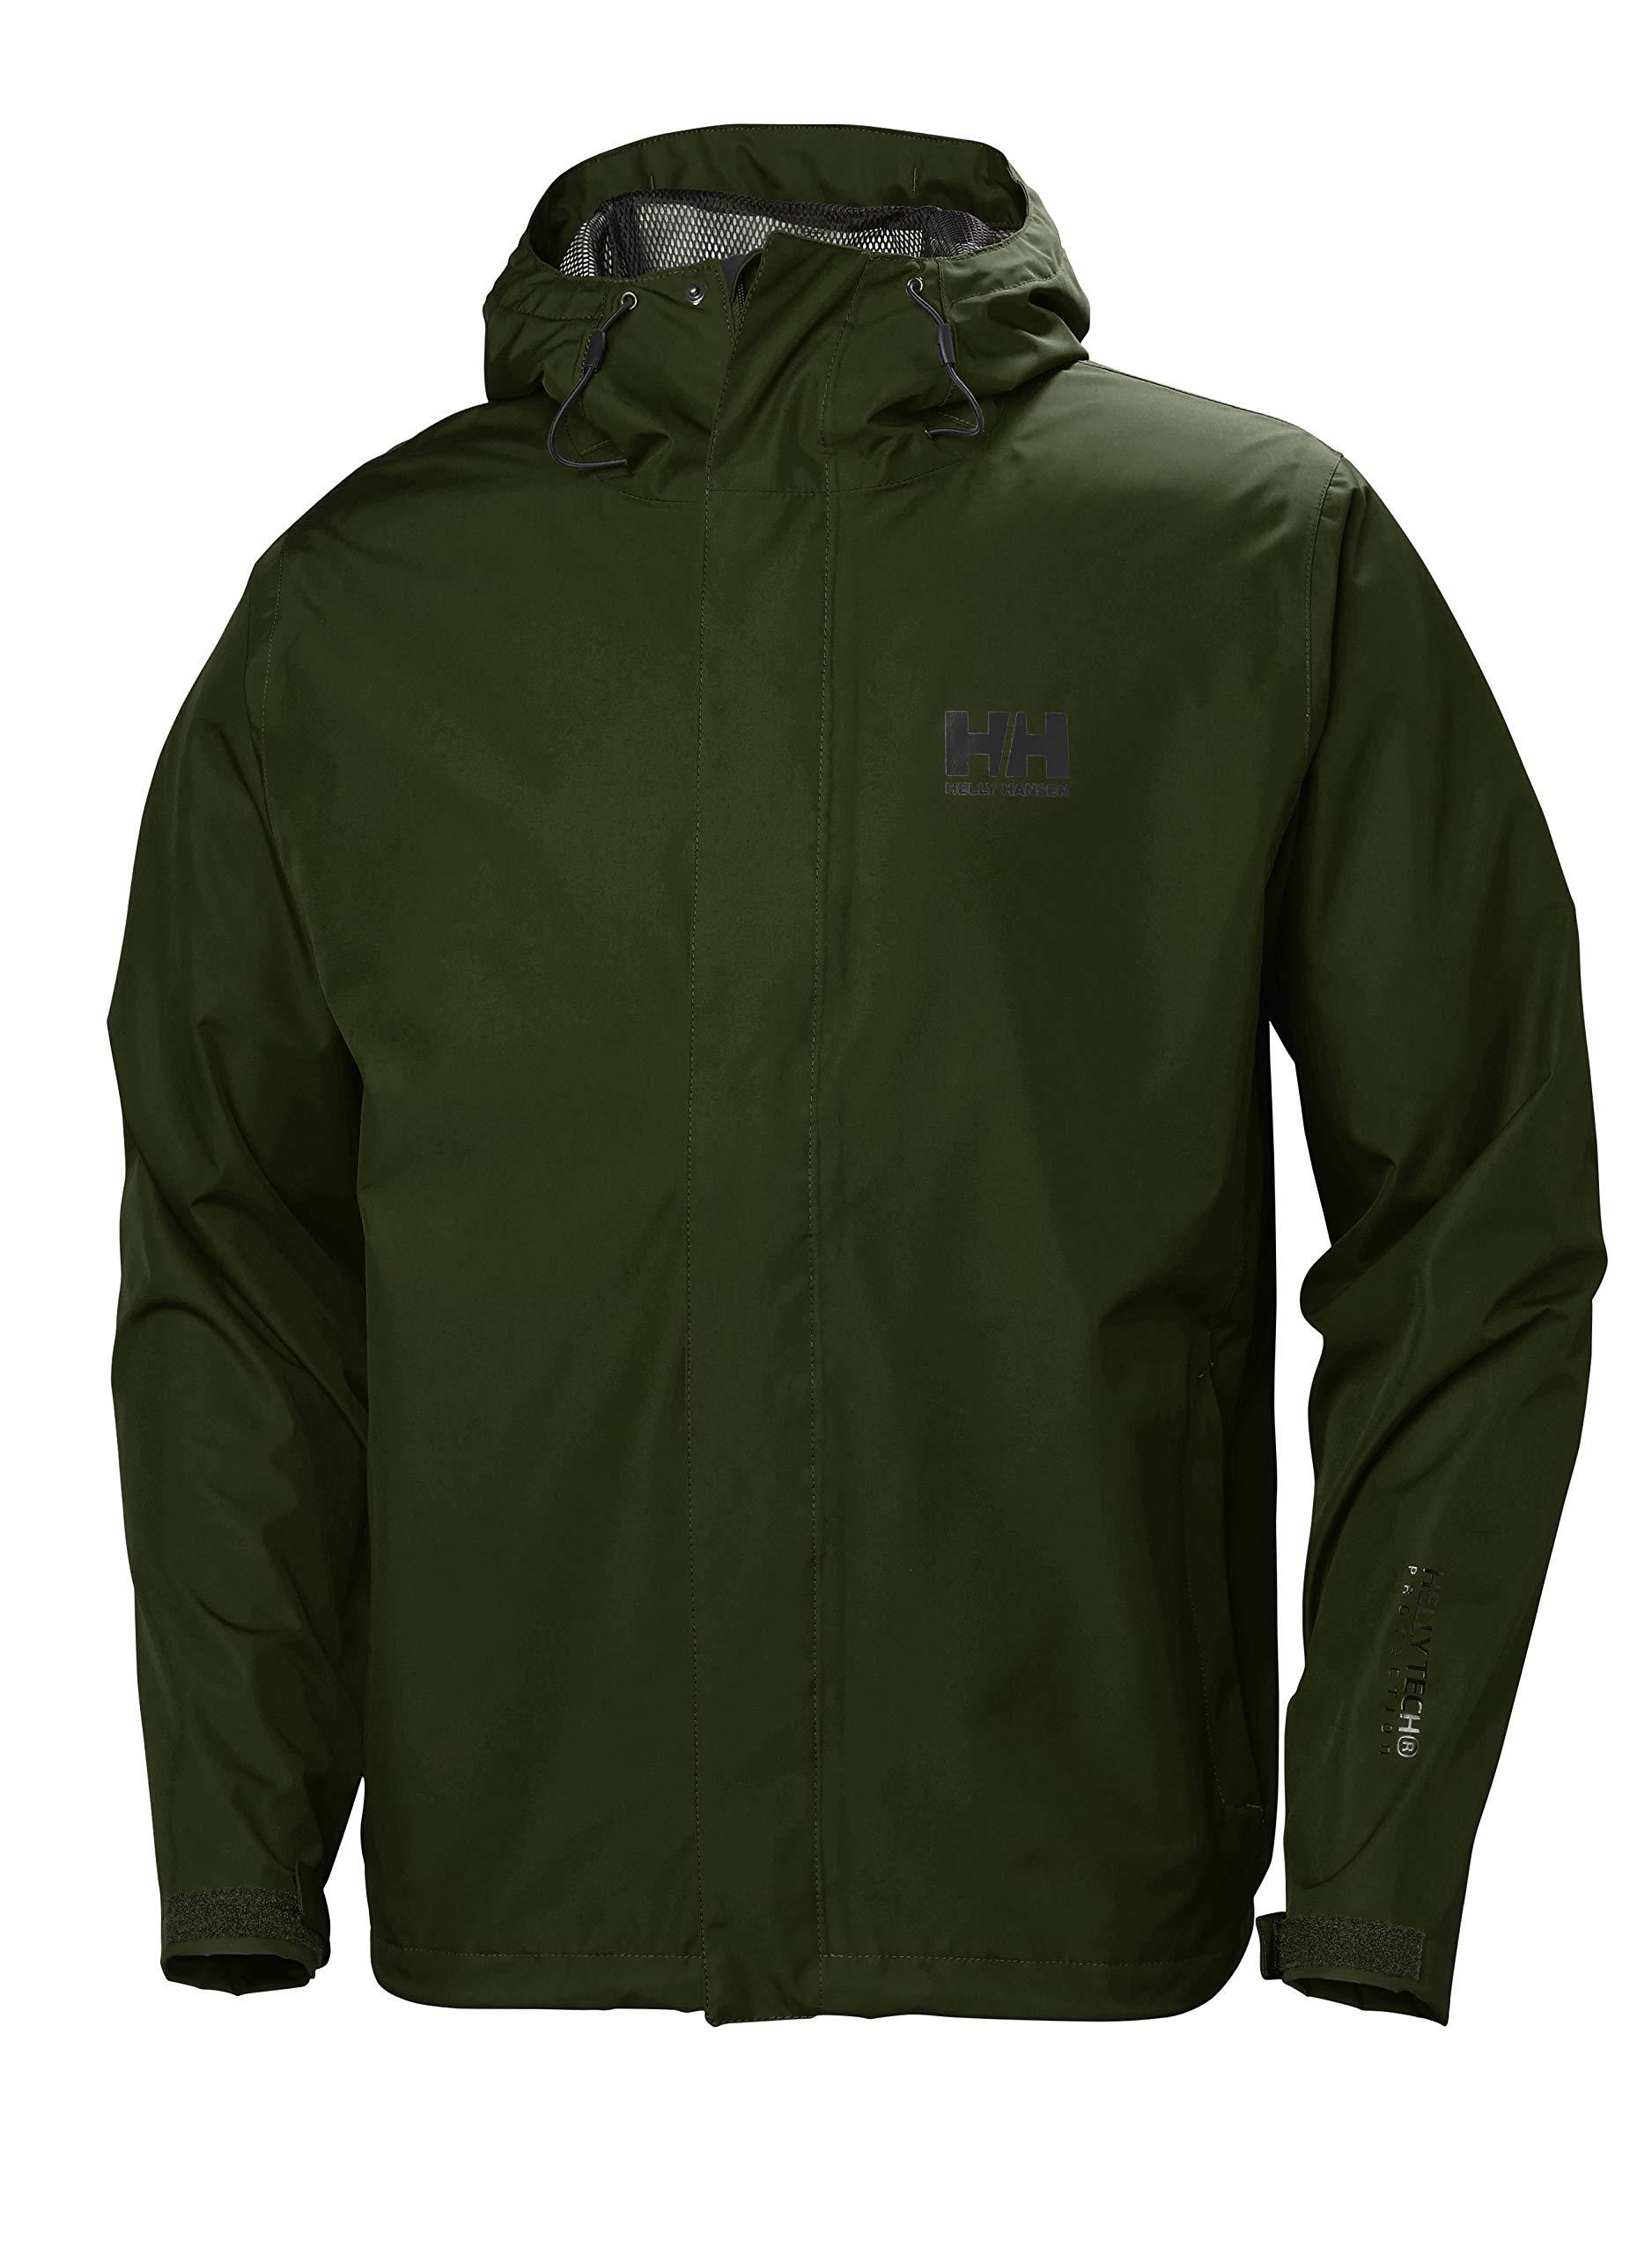 80894c138 Best Rated in Men's Outdoor Recreation Jackets & Coats & Helpful ...